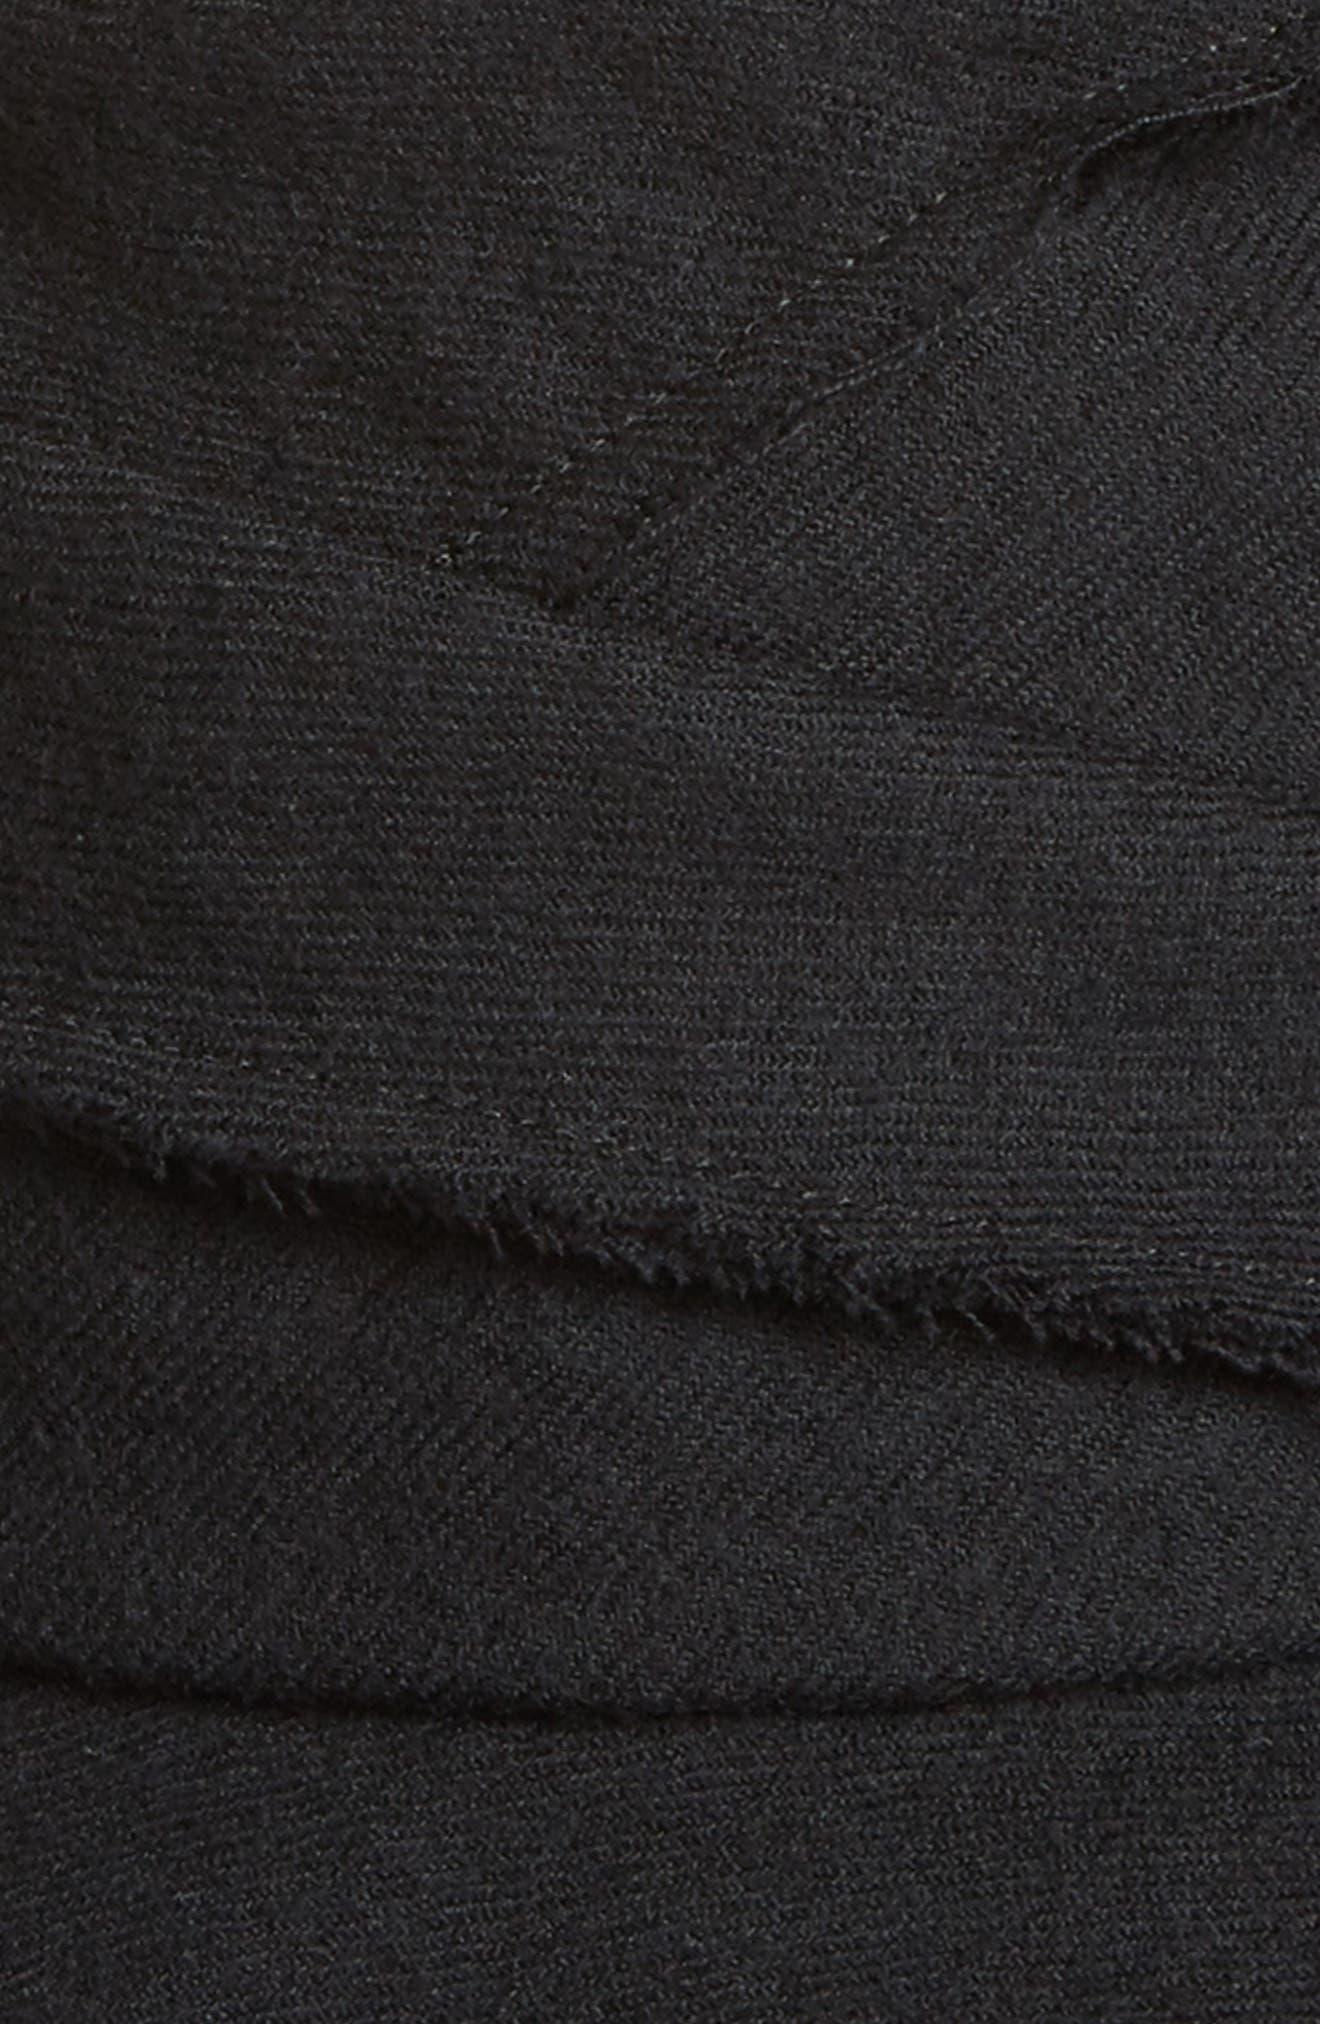 Alternate Image 2  - Y's by Yohji Yamamoto Layered Wool Hat